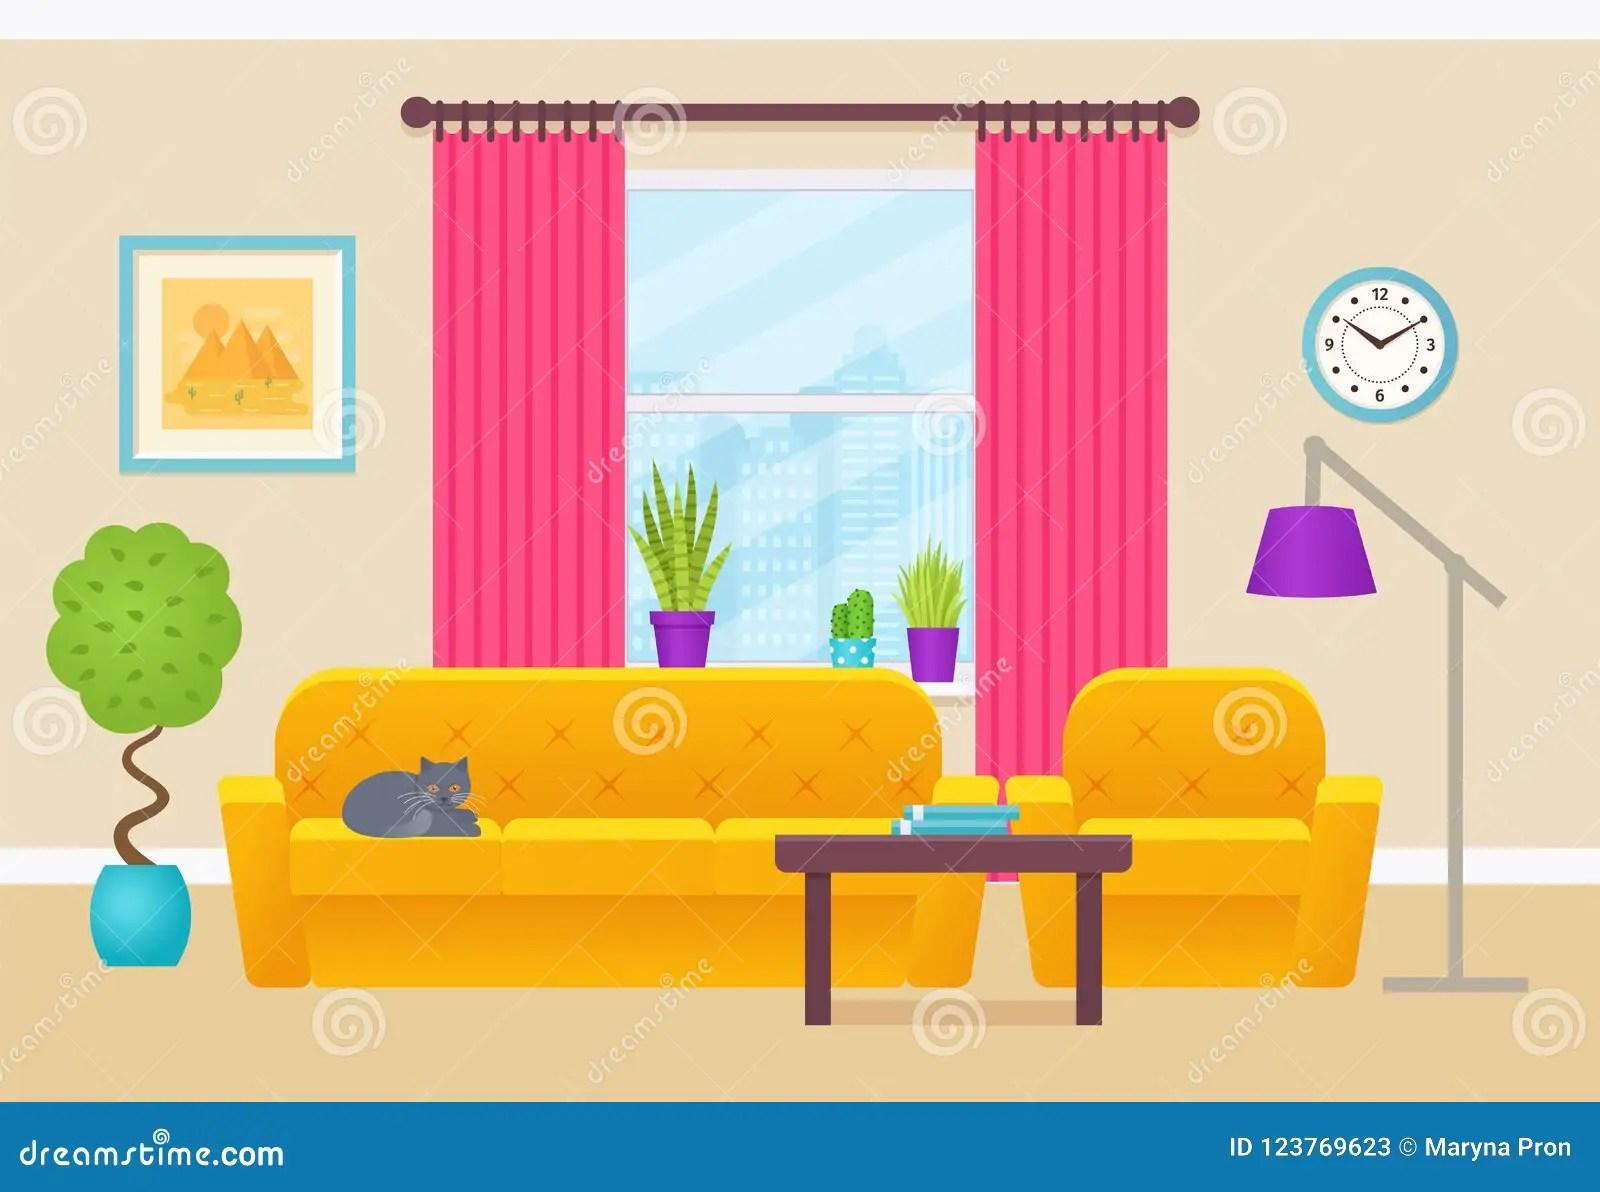 Living Room Interior Vector Illustration Flat Design Stock Vector Illustration Of Interior Design 123769623